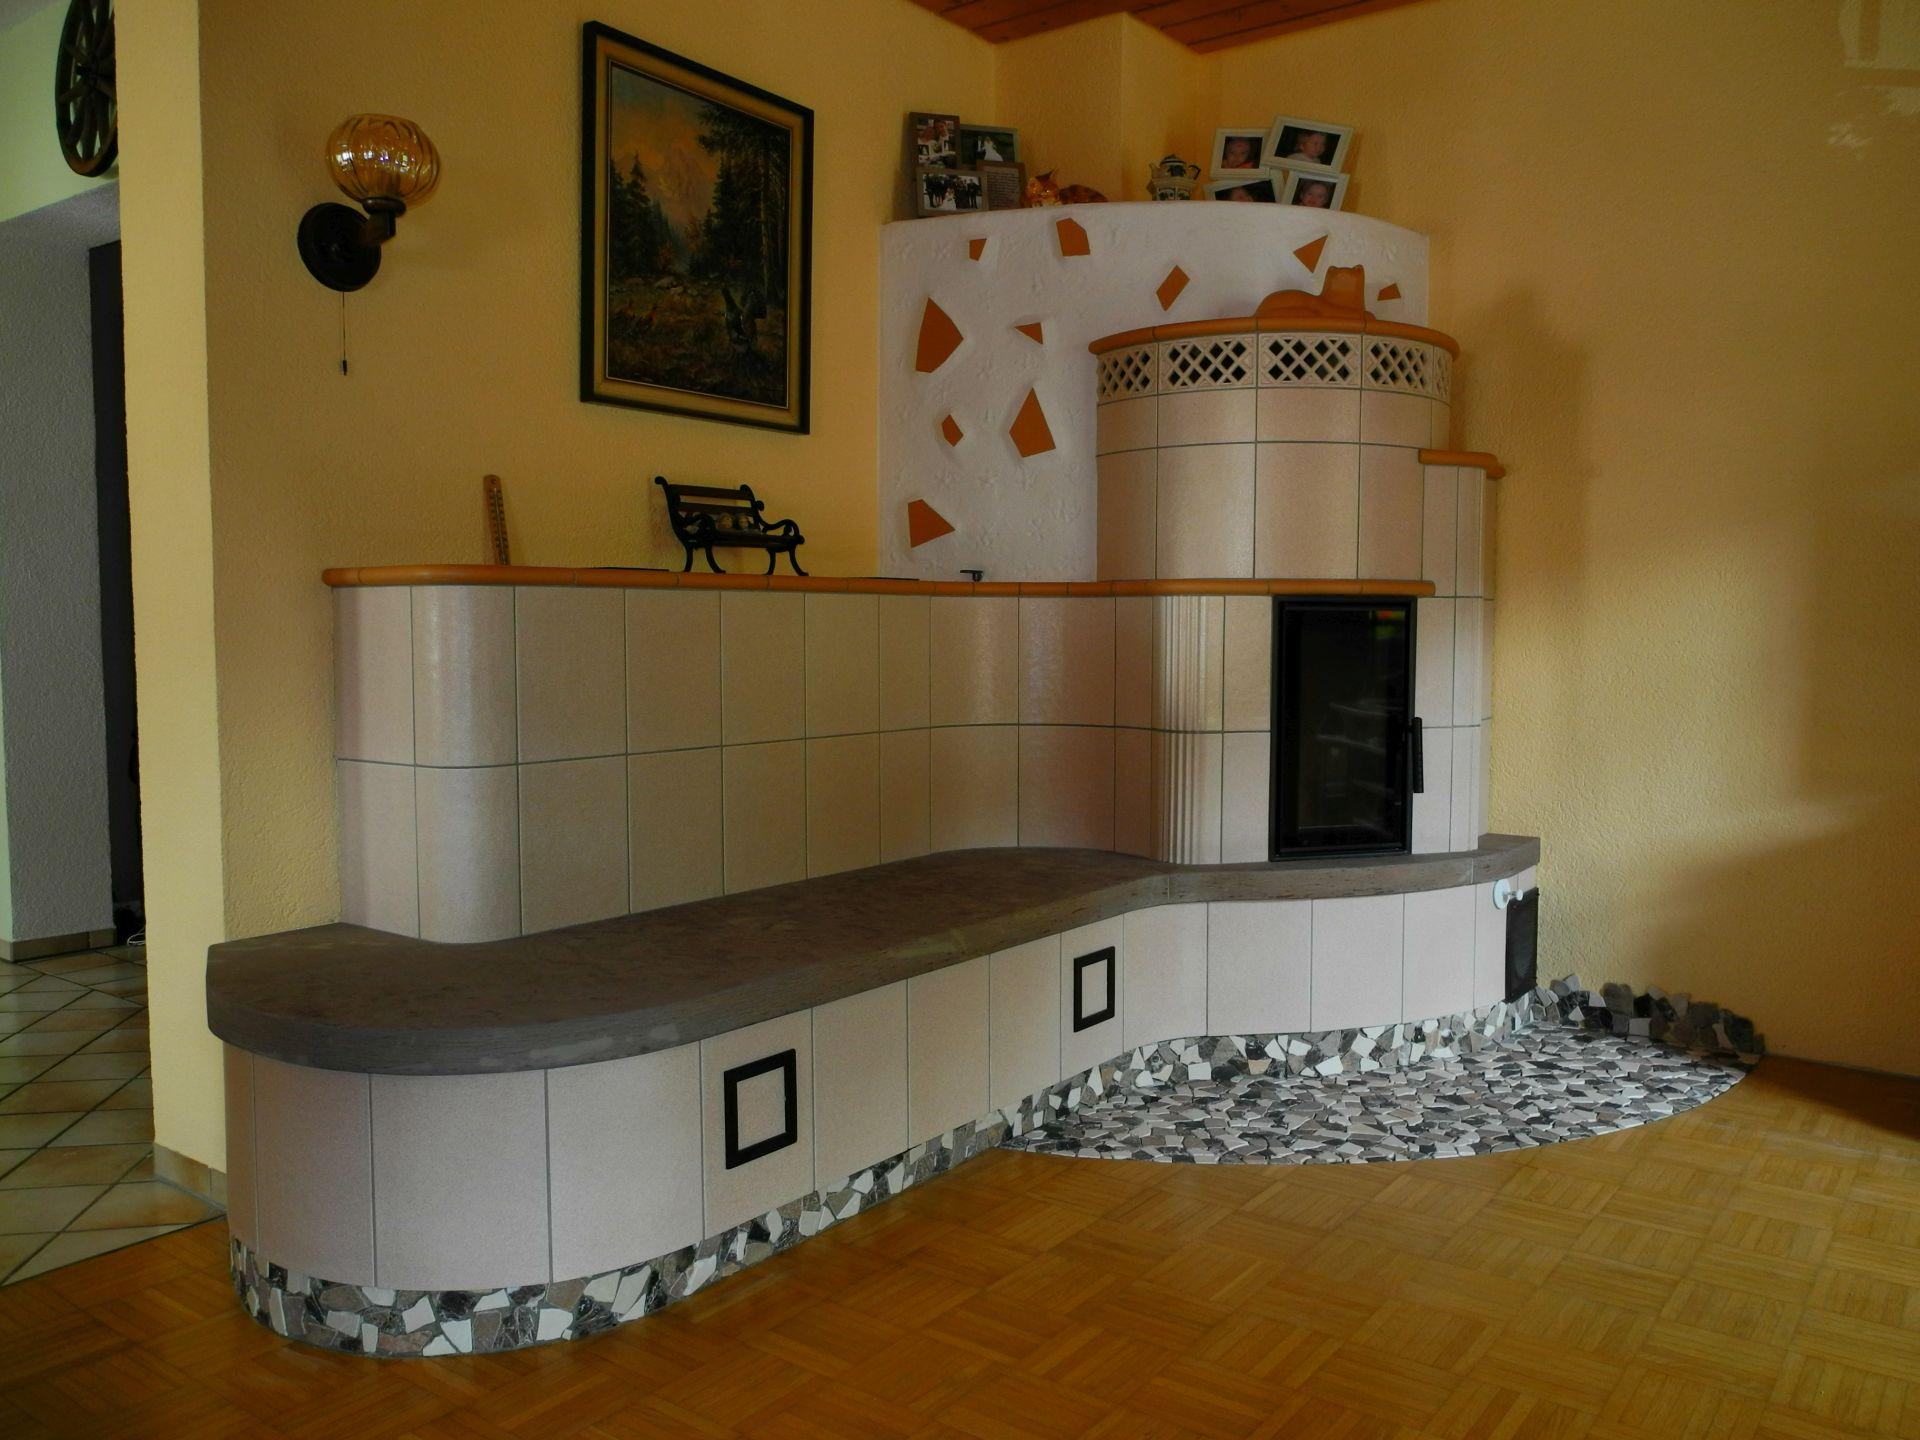 ofenbau kaiser bernau wir sind ein fliesenleger kachelofen und luftheizungsbau fachbetrieb. Black Bedroom Furniture Sets. Home Design Ideas